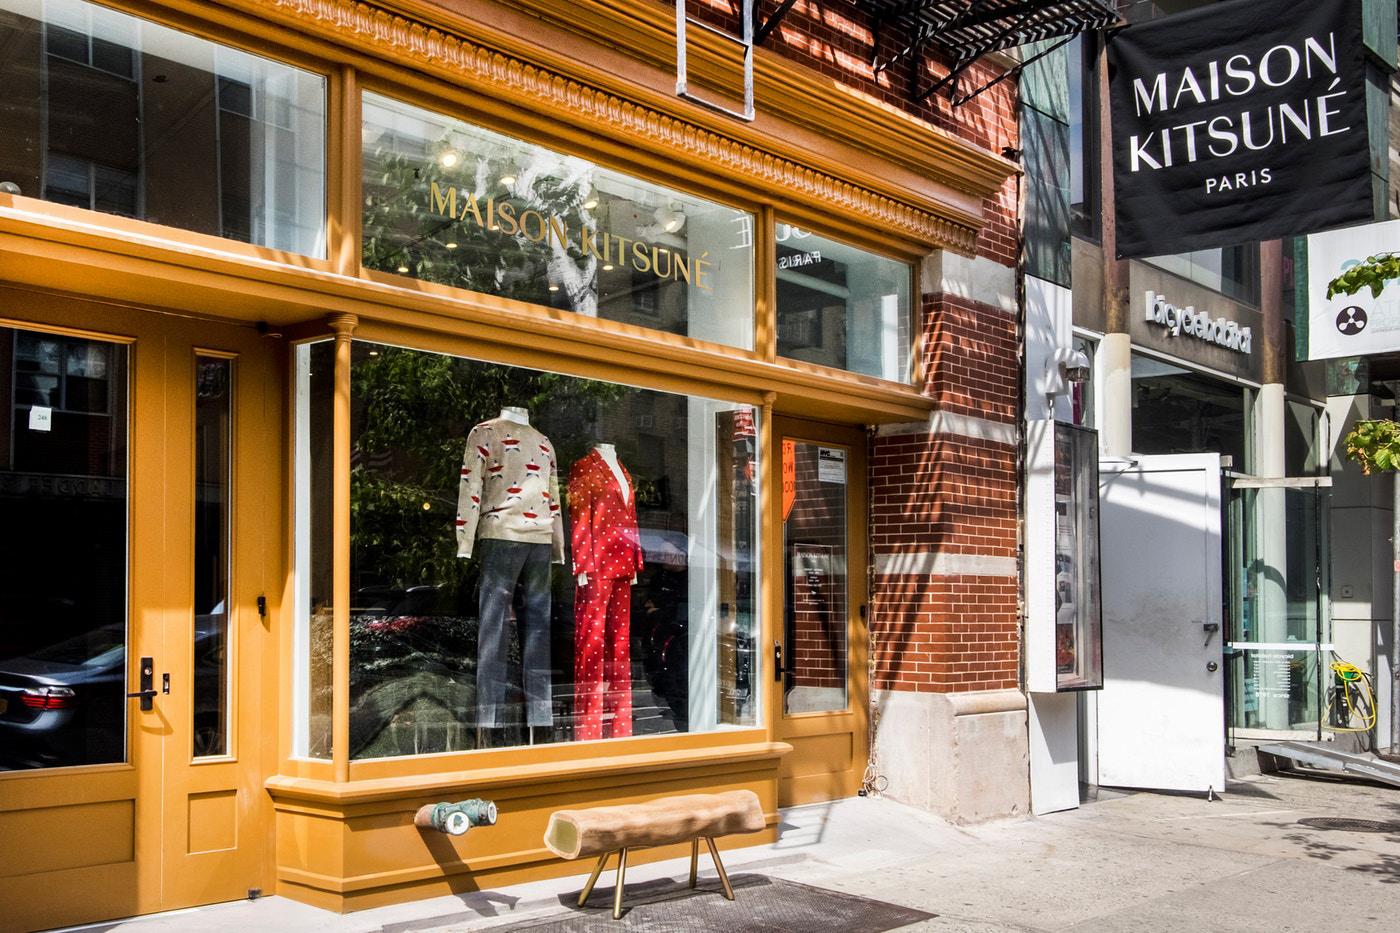 Maison Kitsuné, New York City